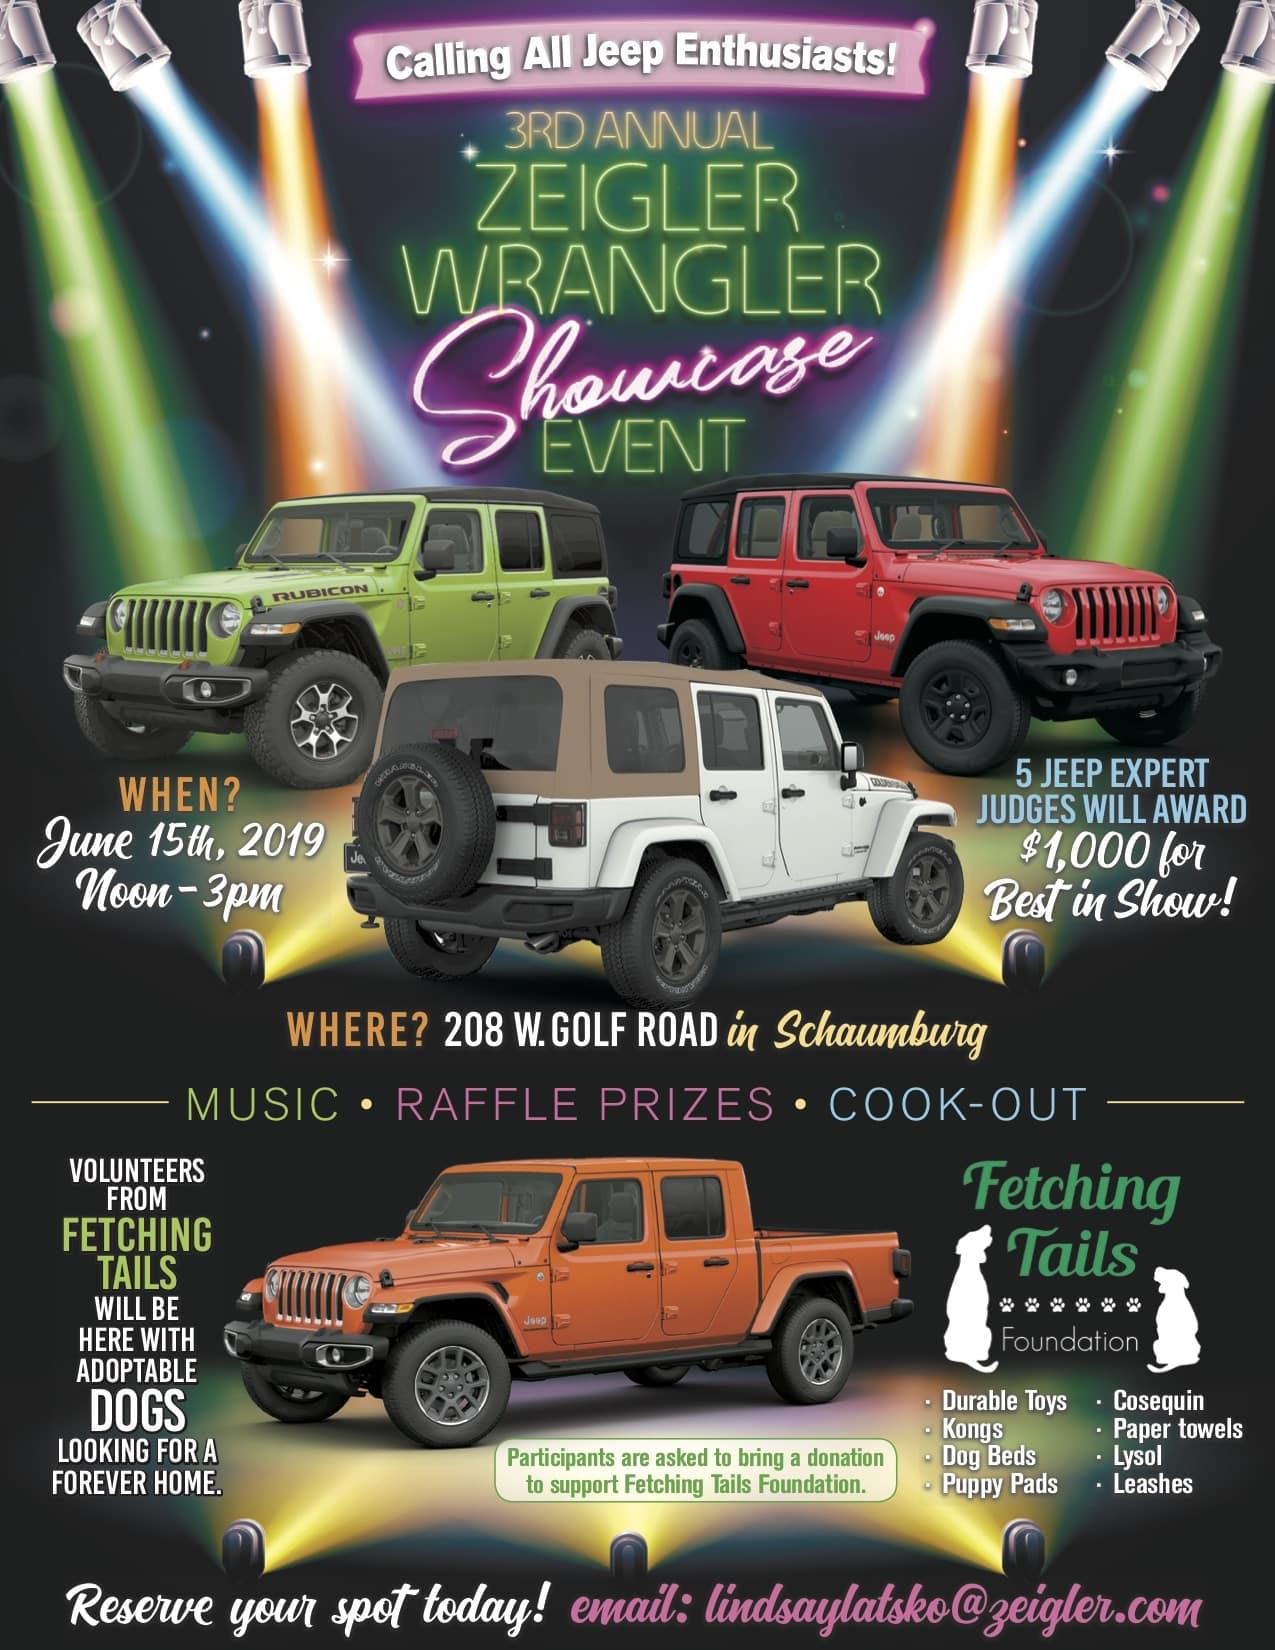 Wrangler Showcase Event